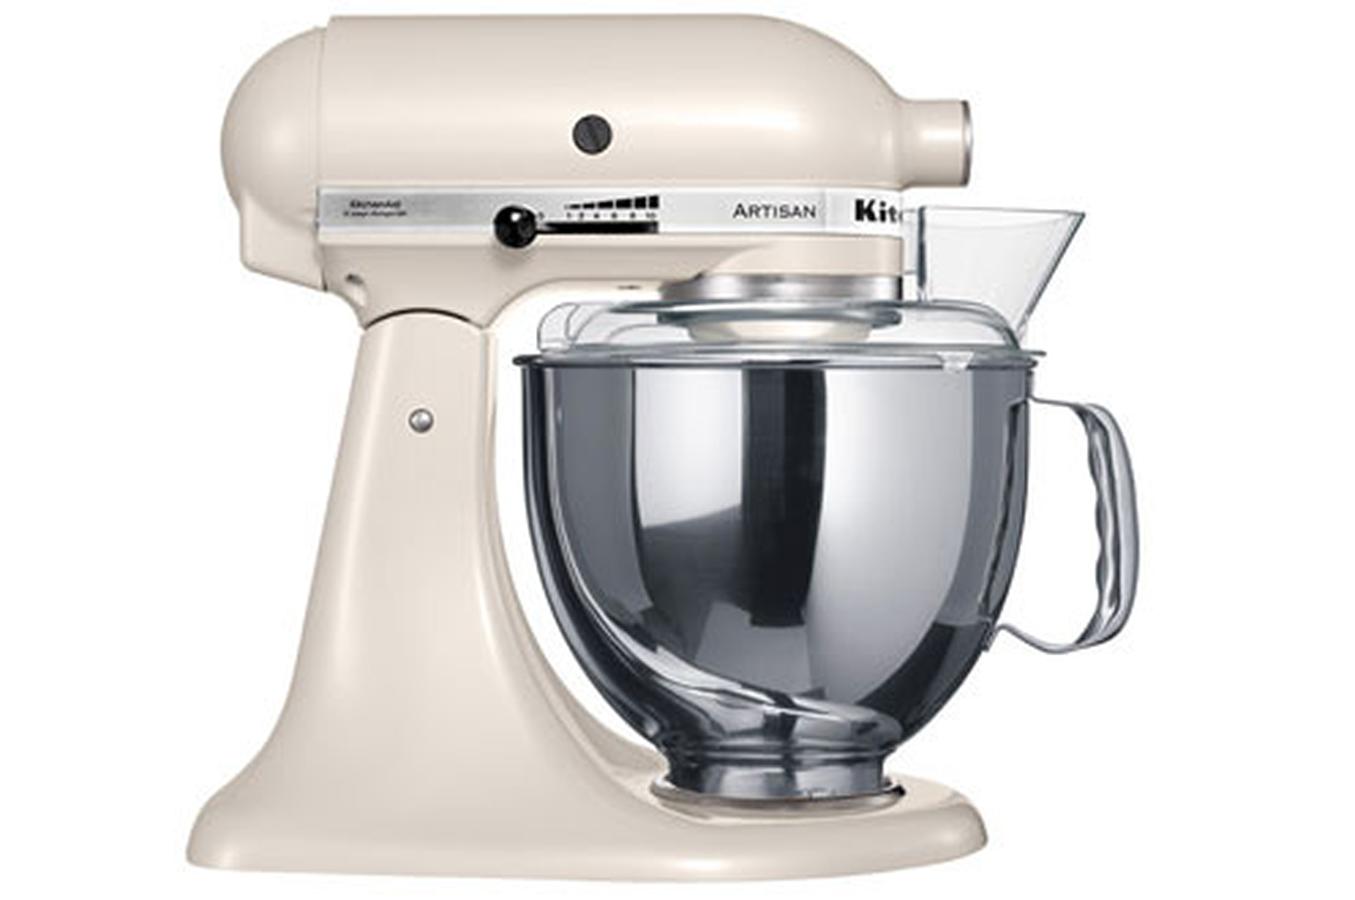 Robot patissier kitchenaid 5ksm150pslt meringue 3456560 for Robot cuisine kitchenaid